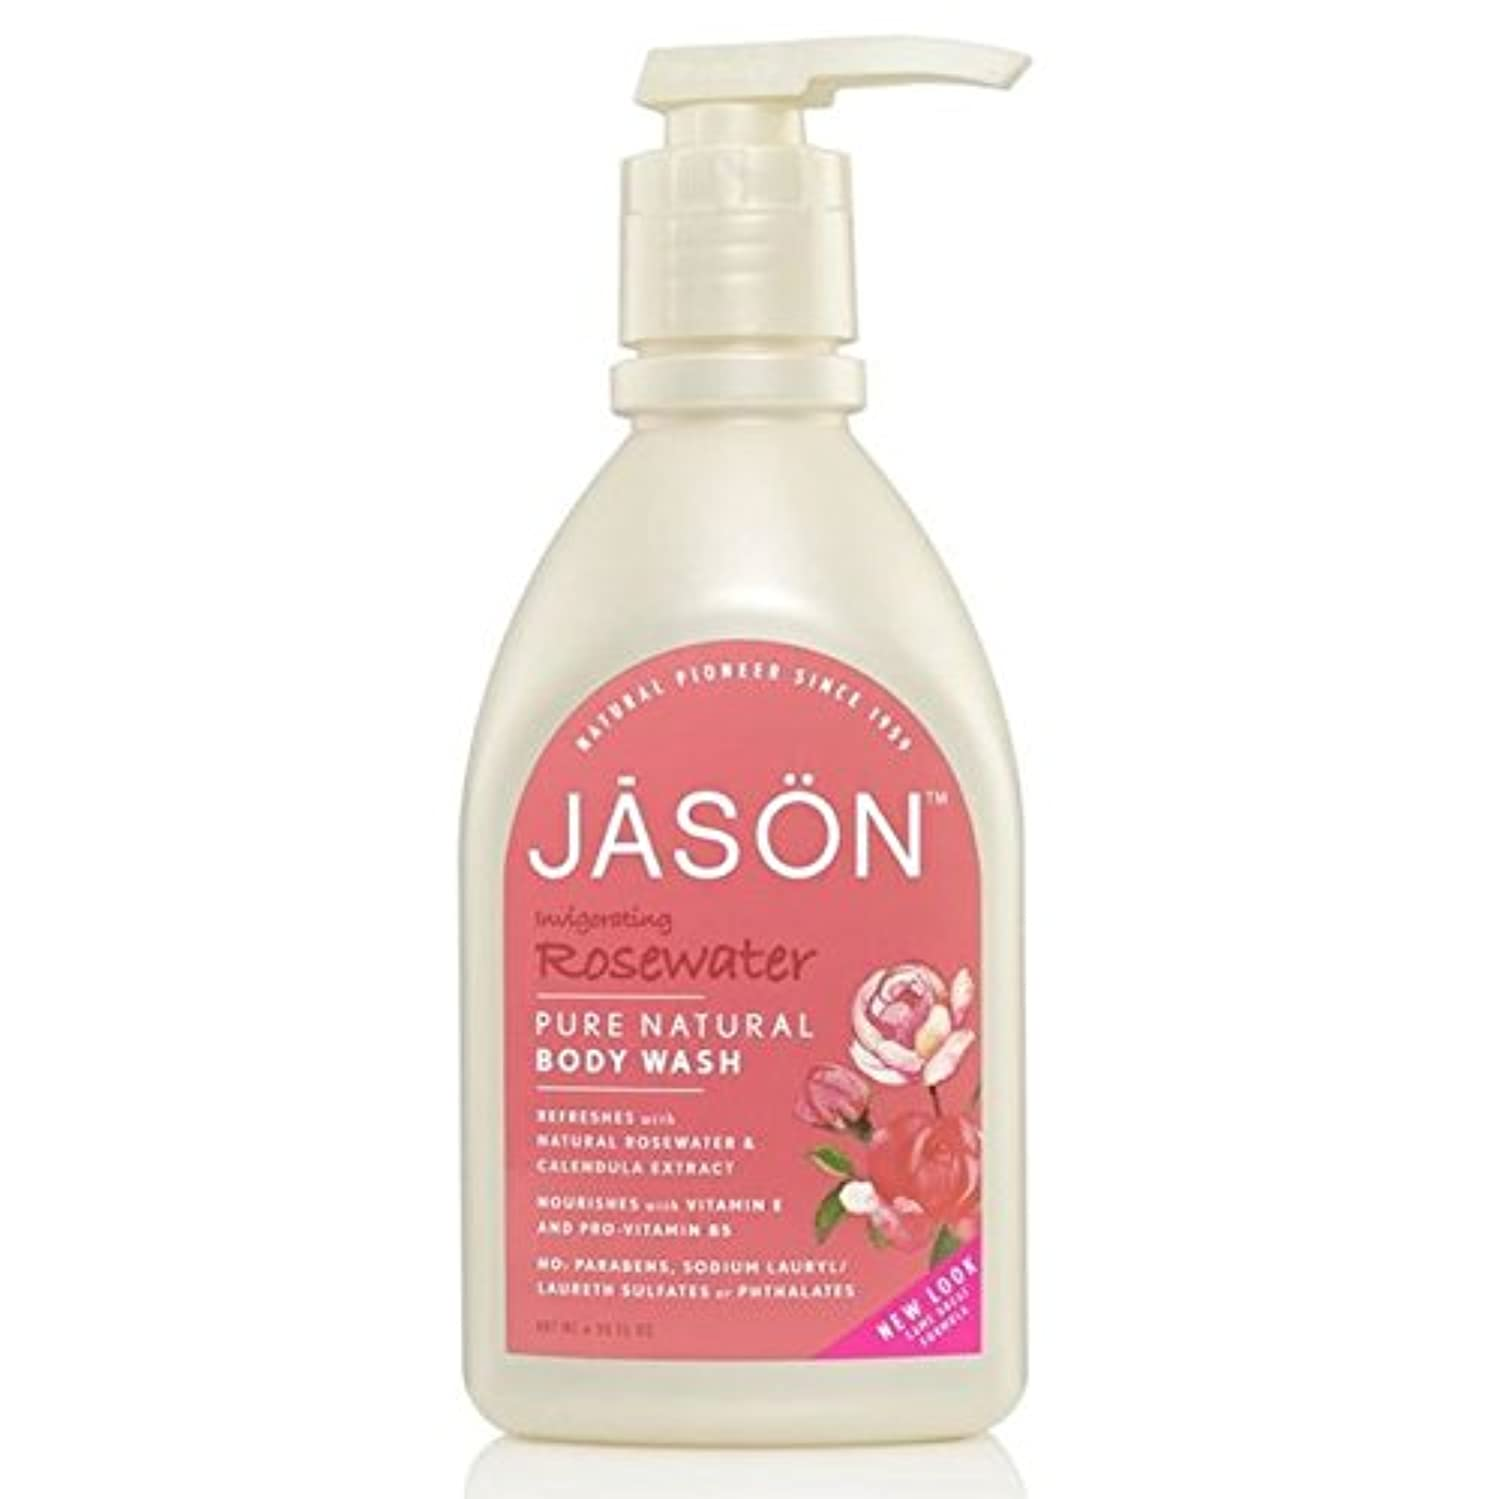 鬼ごっこピルファー現実にはJason Body Wash Rosewater Satin Shower 900ml (Pack of 6) - ジェイソン?ボディウォッシュローズウォーターサテンシャワー900ミリリットル x6 [並行輸入品]